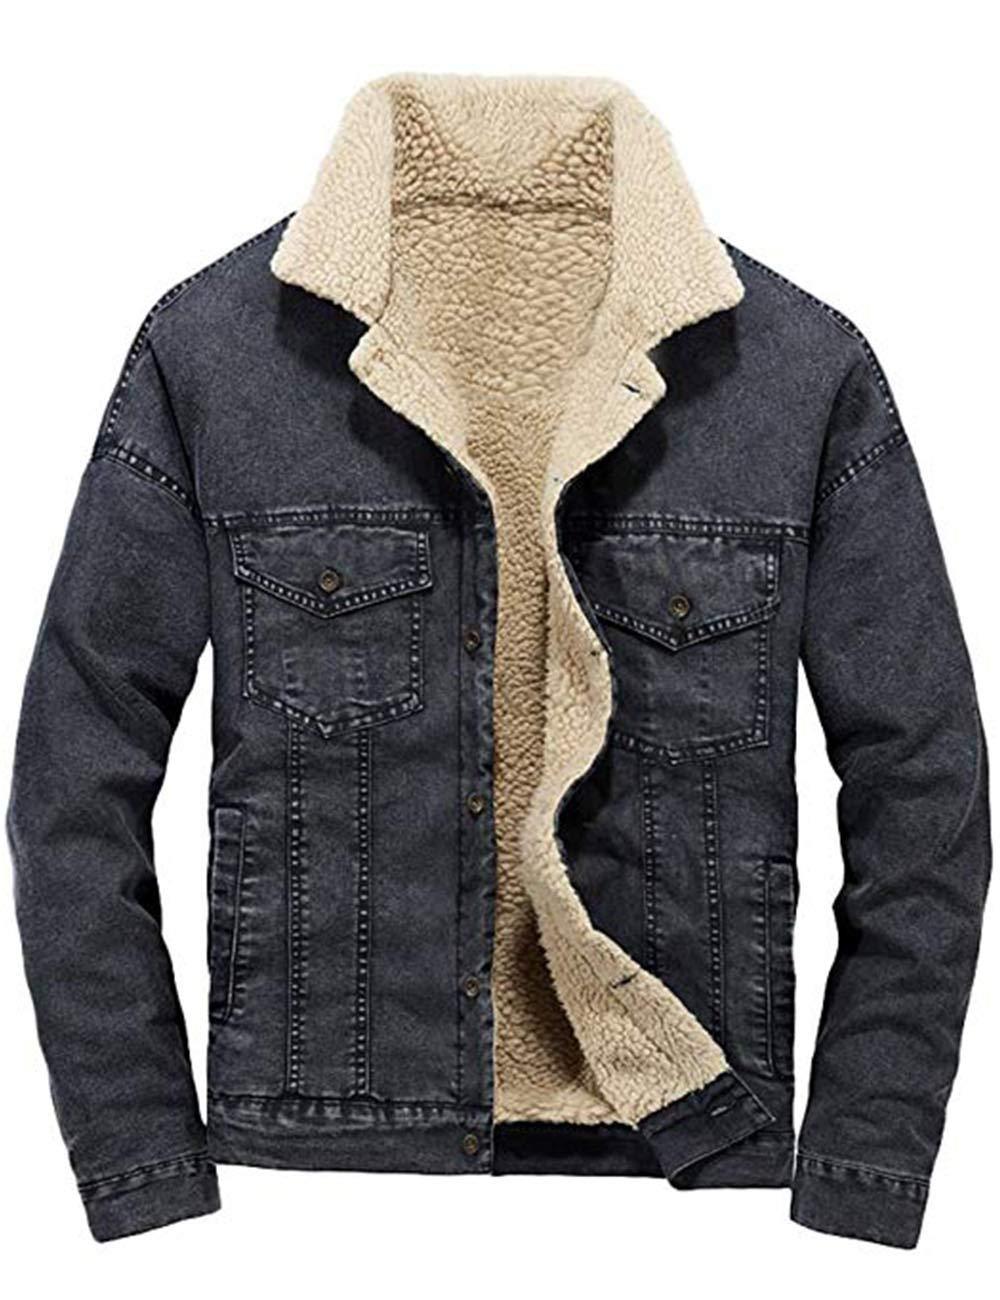 Zenthace Men's Classic Faded Denim Jacket Sherpa Lined ...